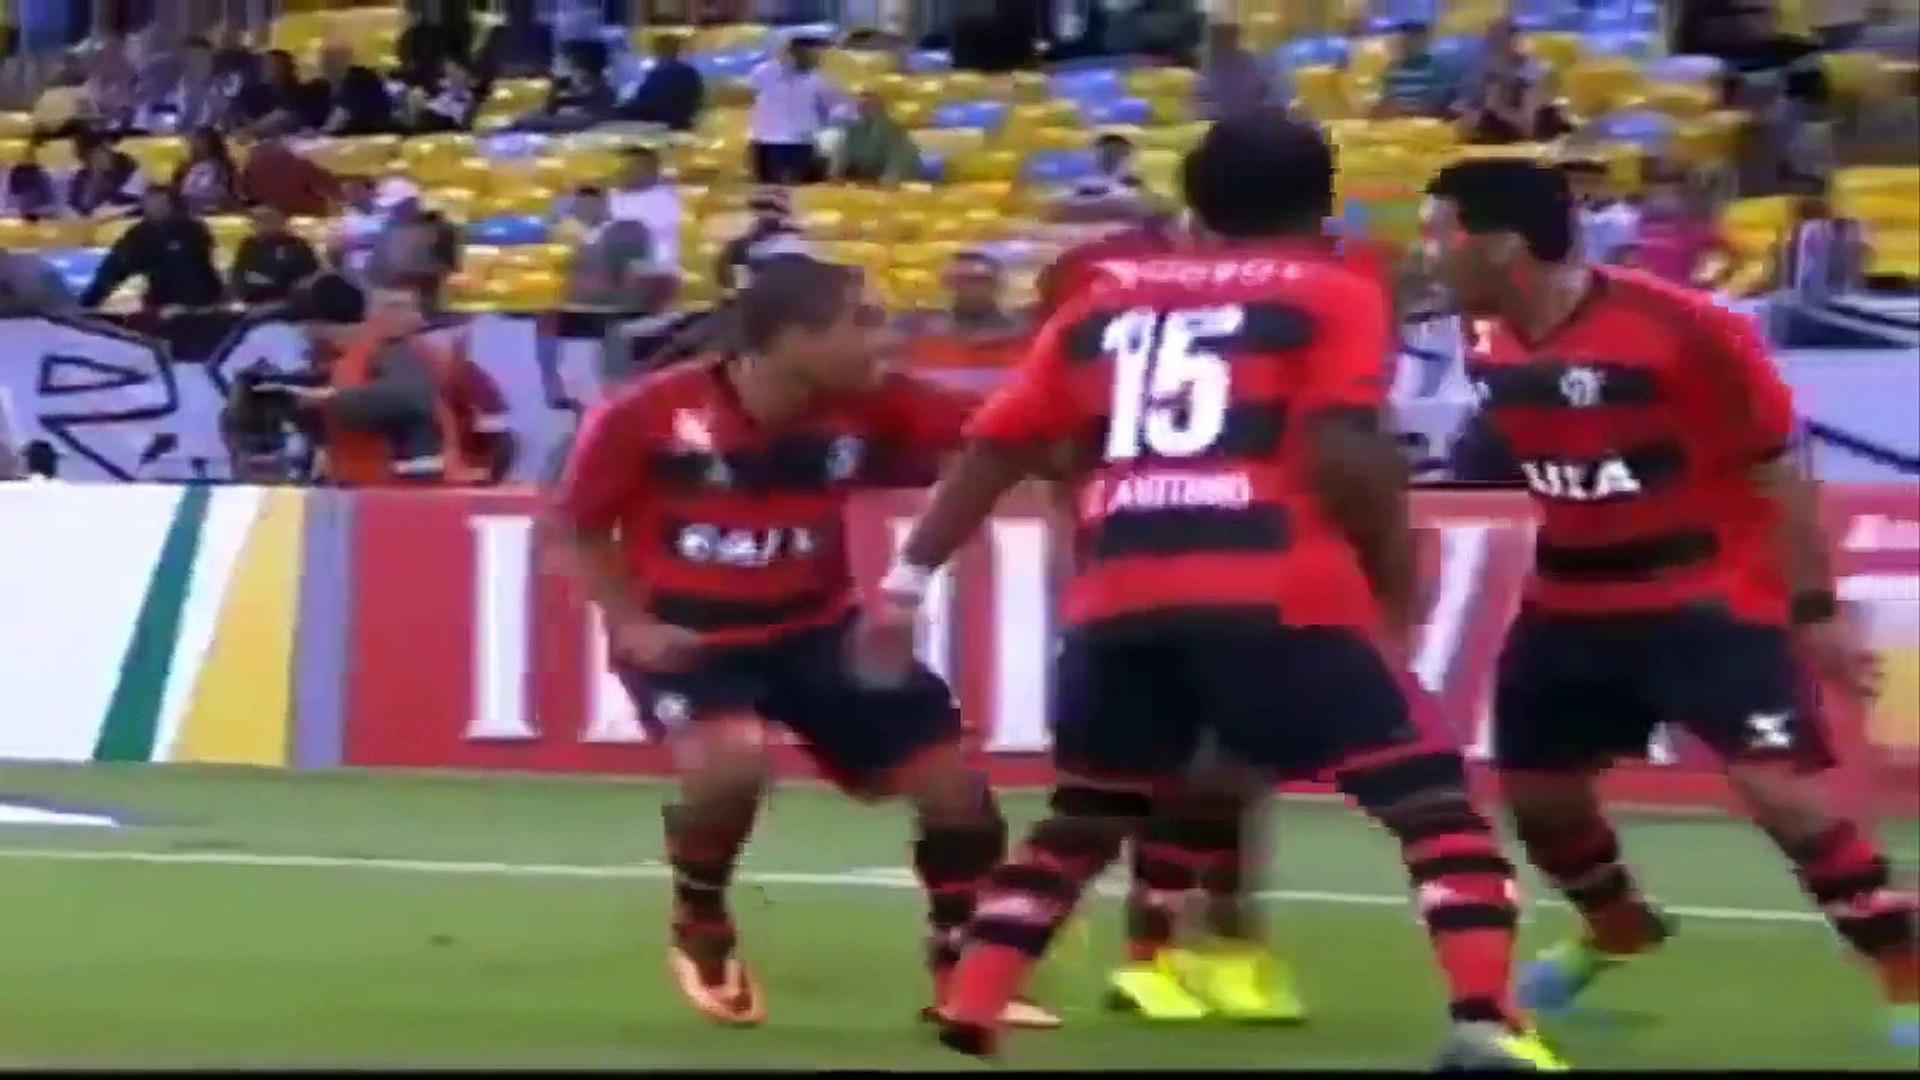 Retrospectiva Flamengo TRI-CAMPEÃO DA COPA DO BRASIL 2013